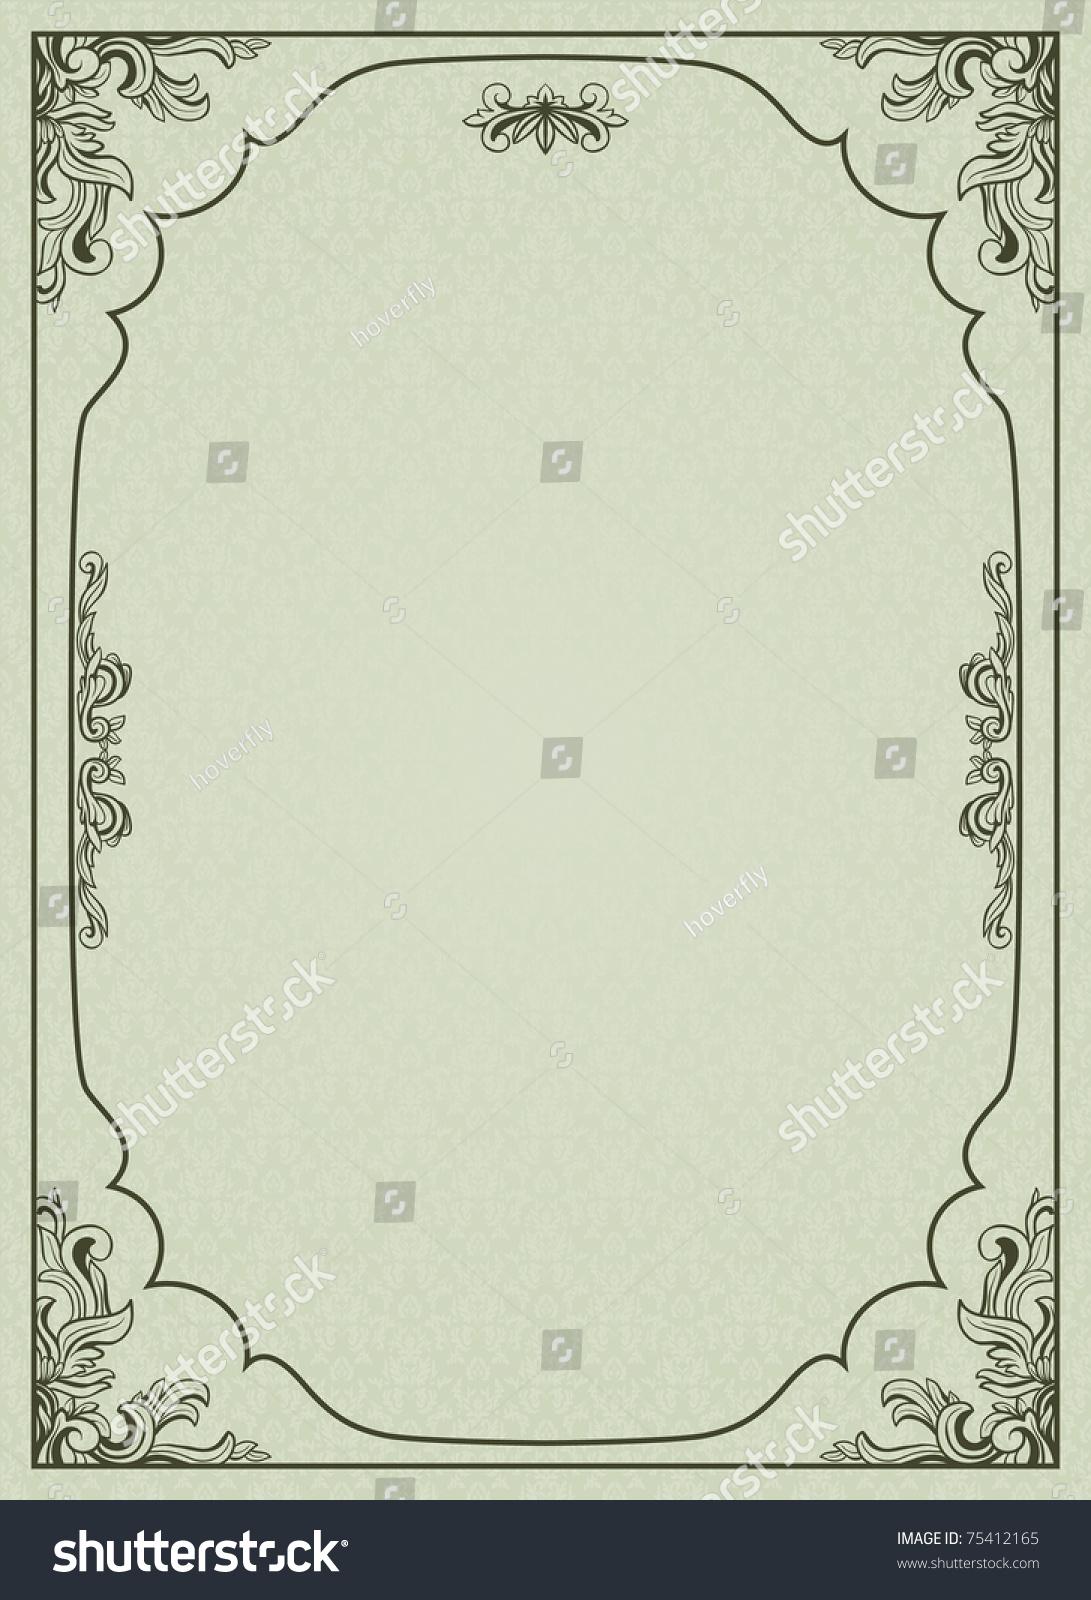 a4竖版目录边框背景